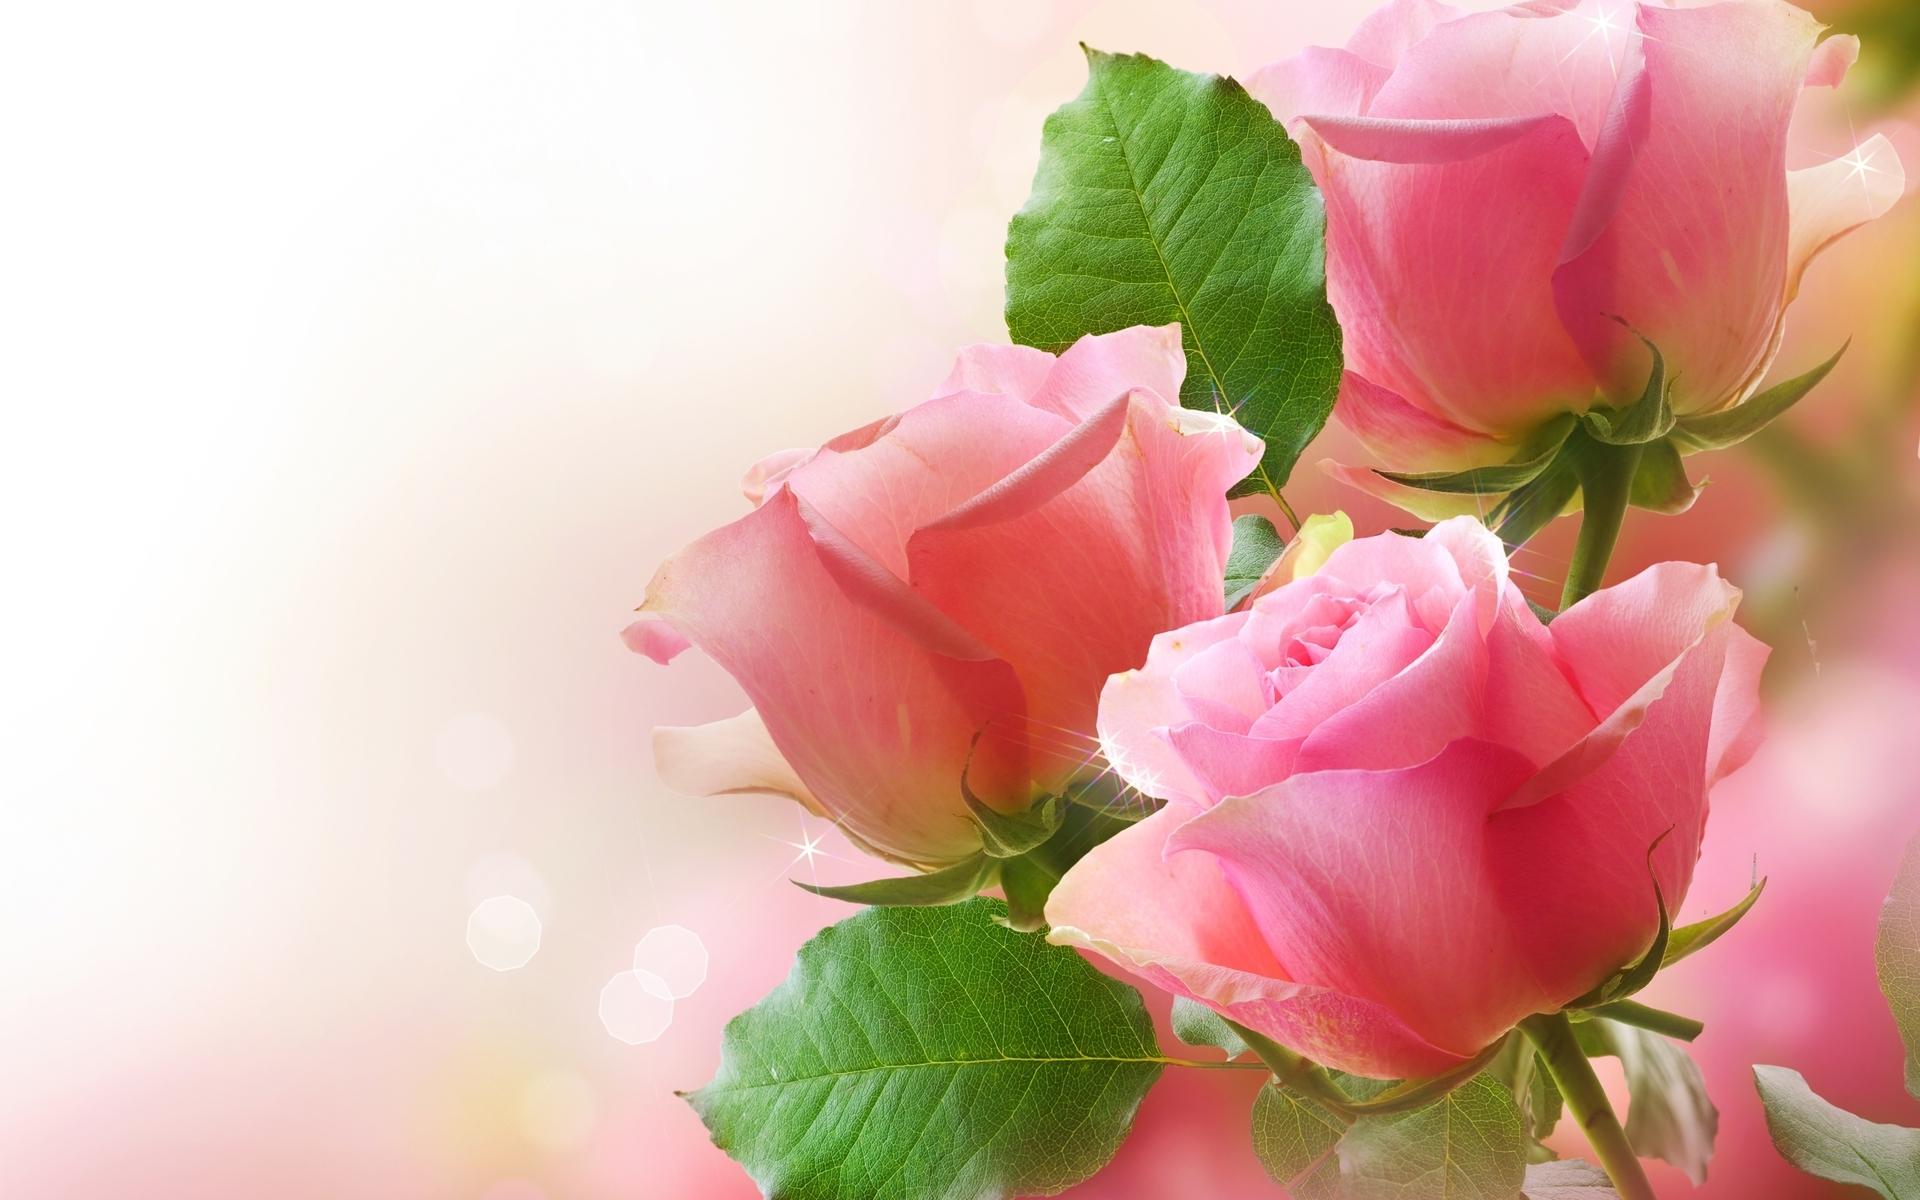 41077 скачать обои Растения, Цветы - заставки и картинки бесплатно